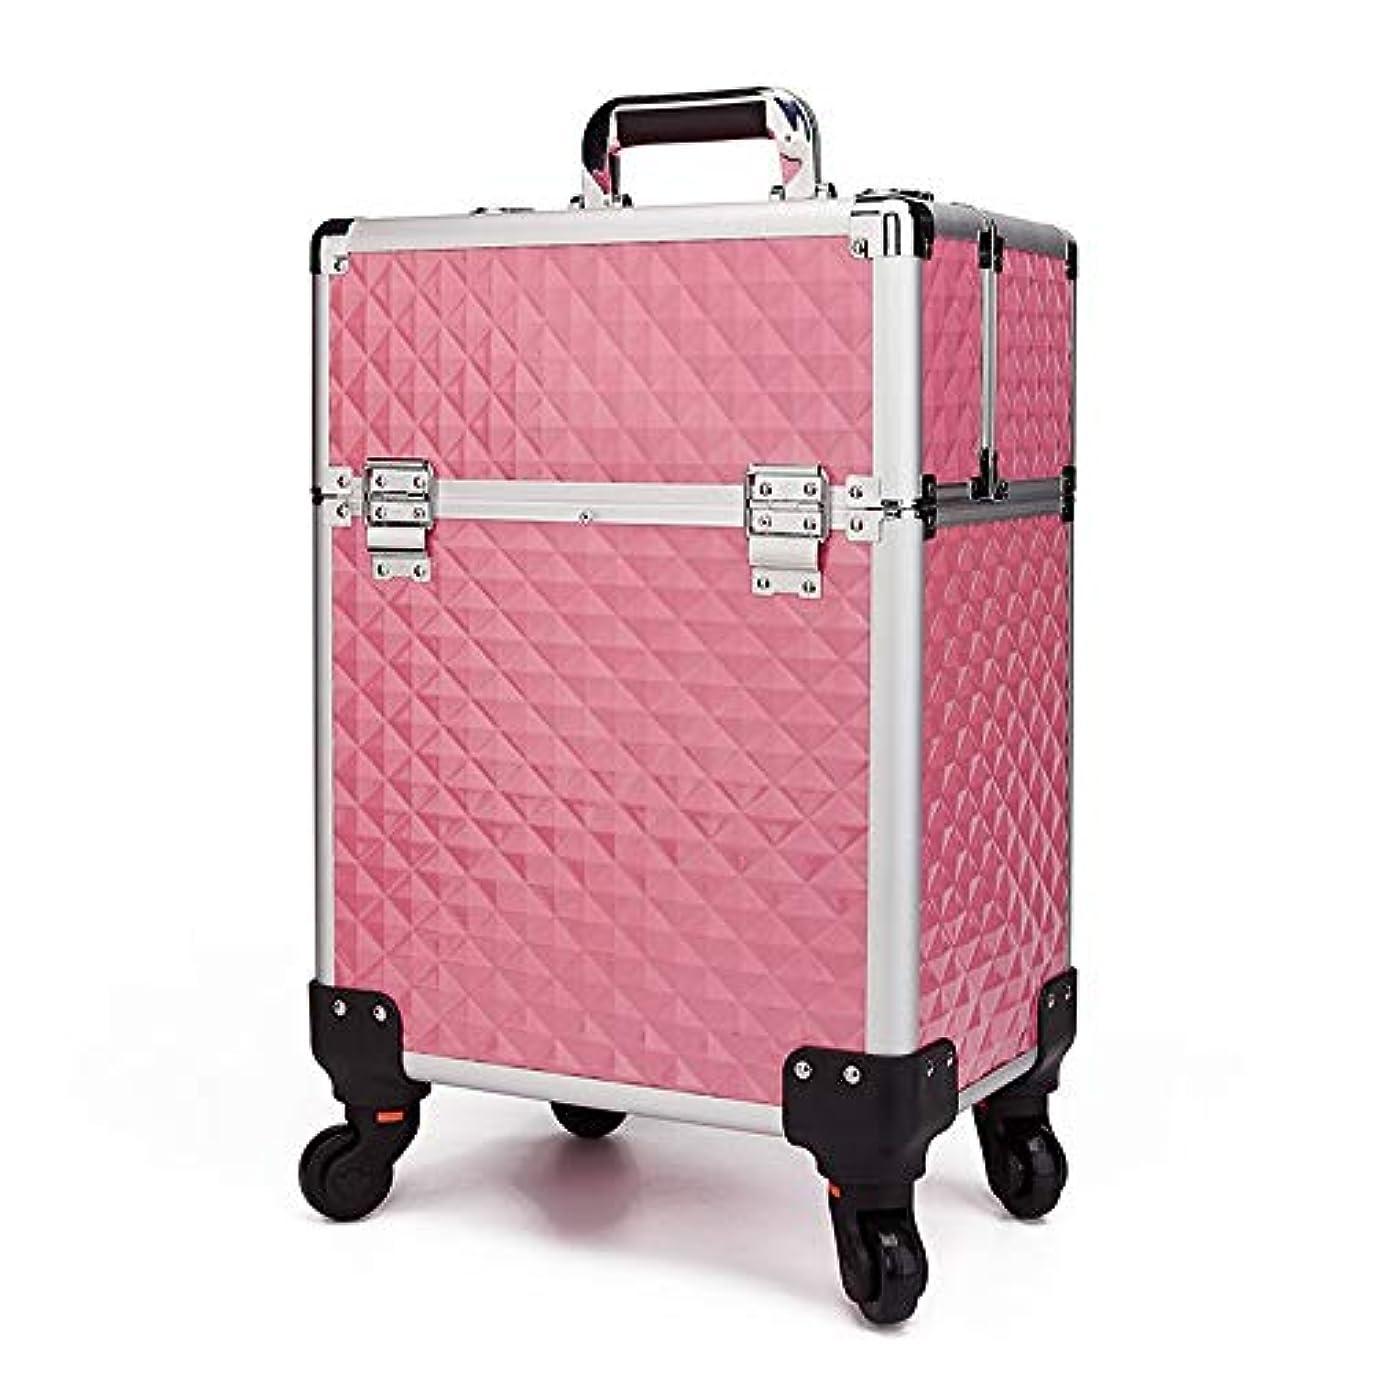 女の子クレーン没頭する化粧オーガナイザーバッグ 360度ホイール3イン1プロフェッショナルアルミアーティストローリングトロリーメイクトレインケース化粧品オーガナイザー収納ボックス用ティーンガールズ女性アーティスト 化粧品ケース (色 : ピンク)